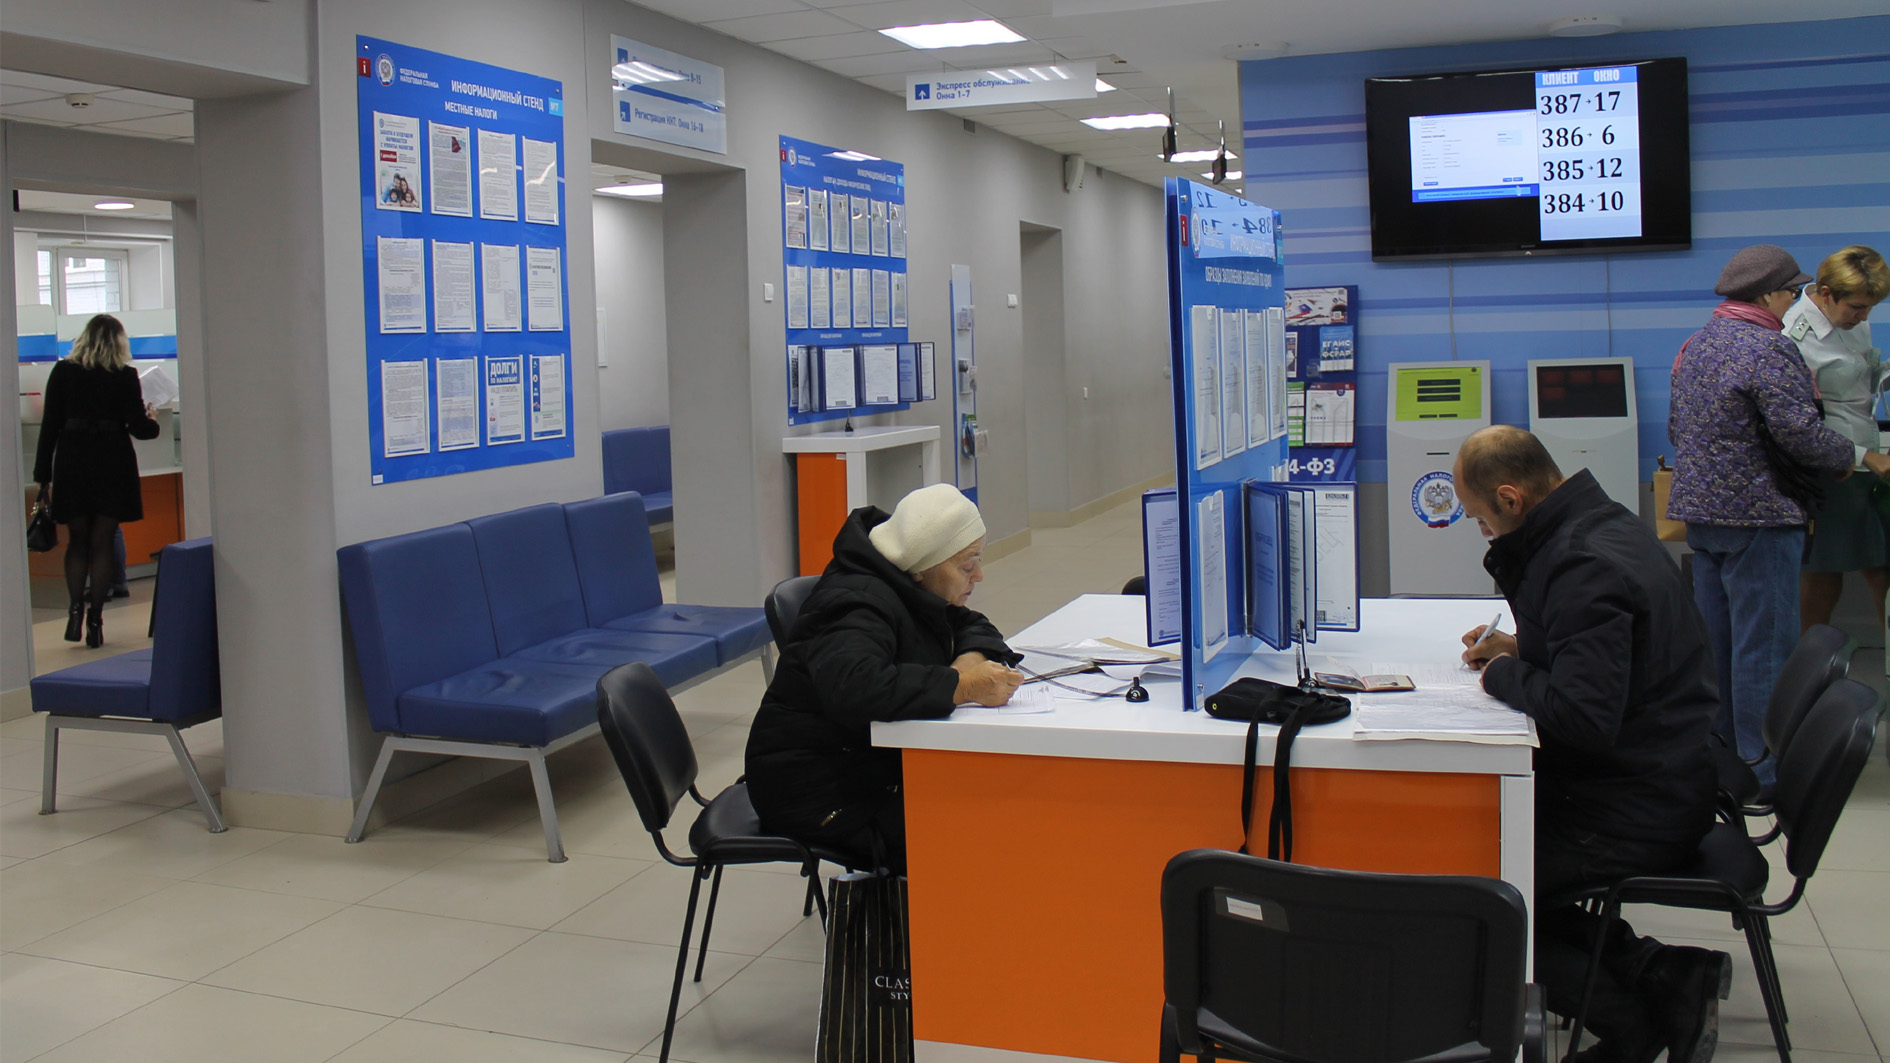 3257 инспекция фнс россии по г брянску адрескак получить льготный кредит для малого бизнеса